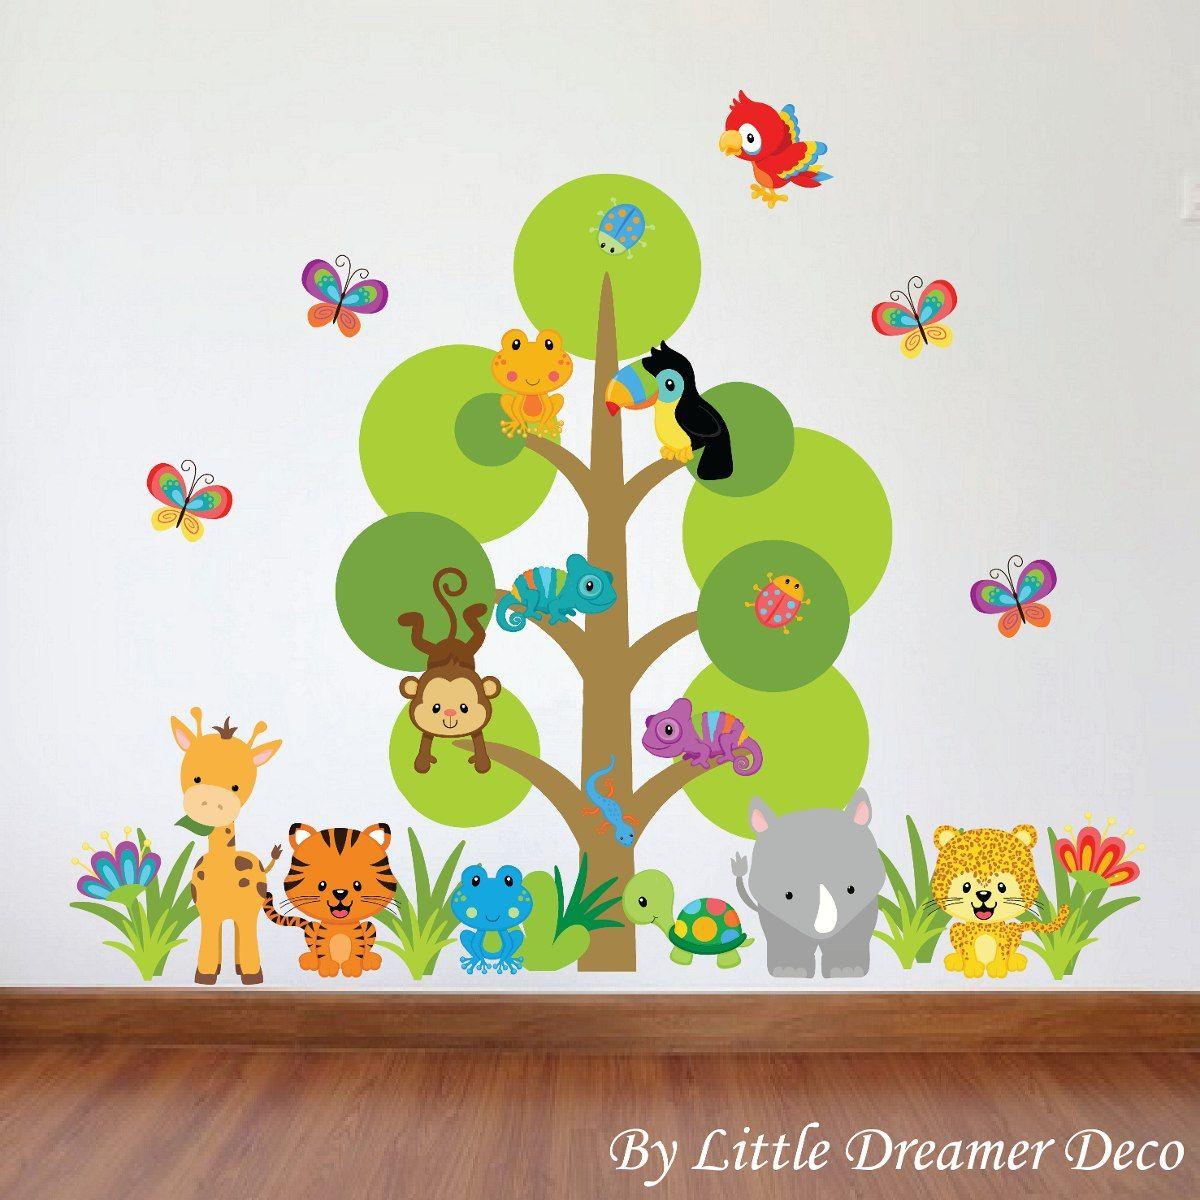 Dise os infantiles de animales buscar con google - Decoracion pared ninos ...